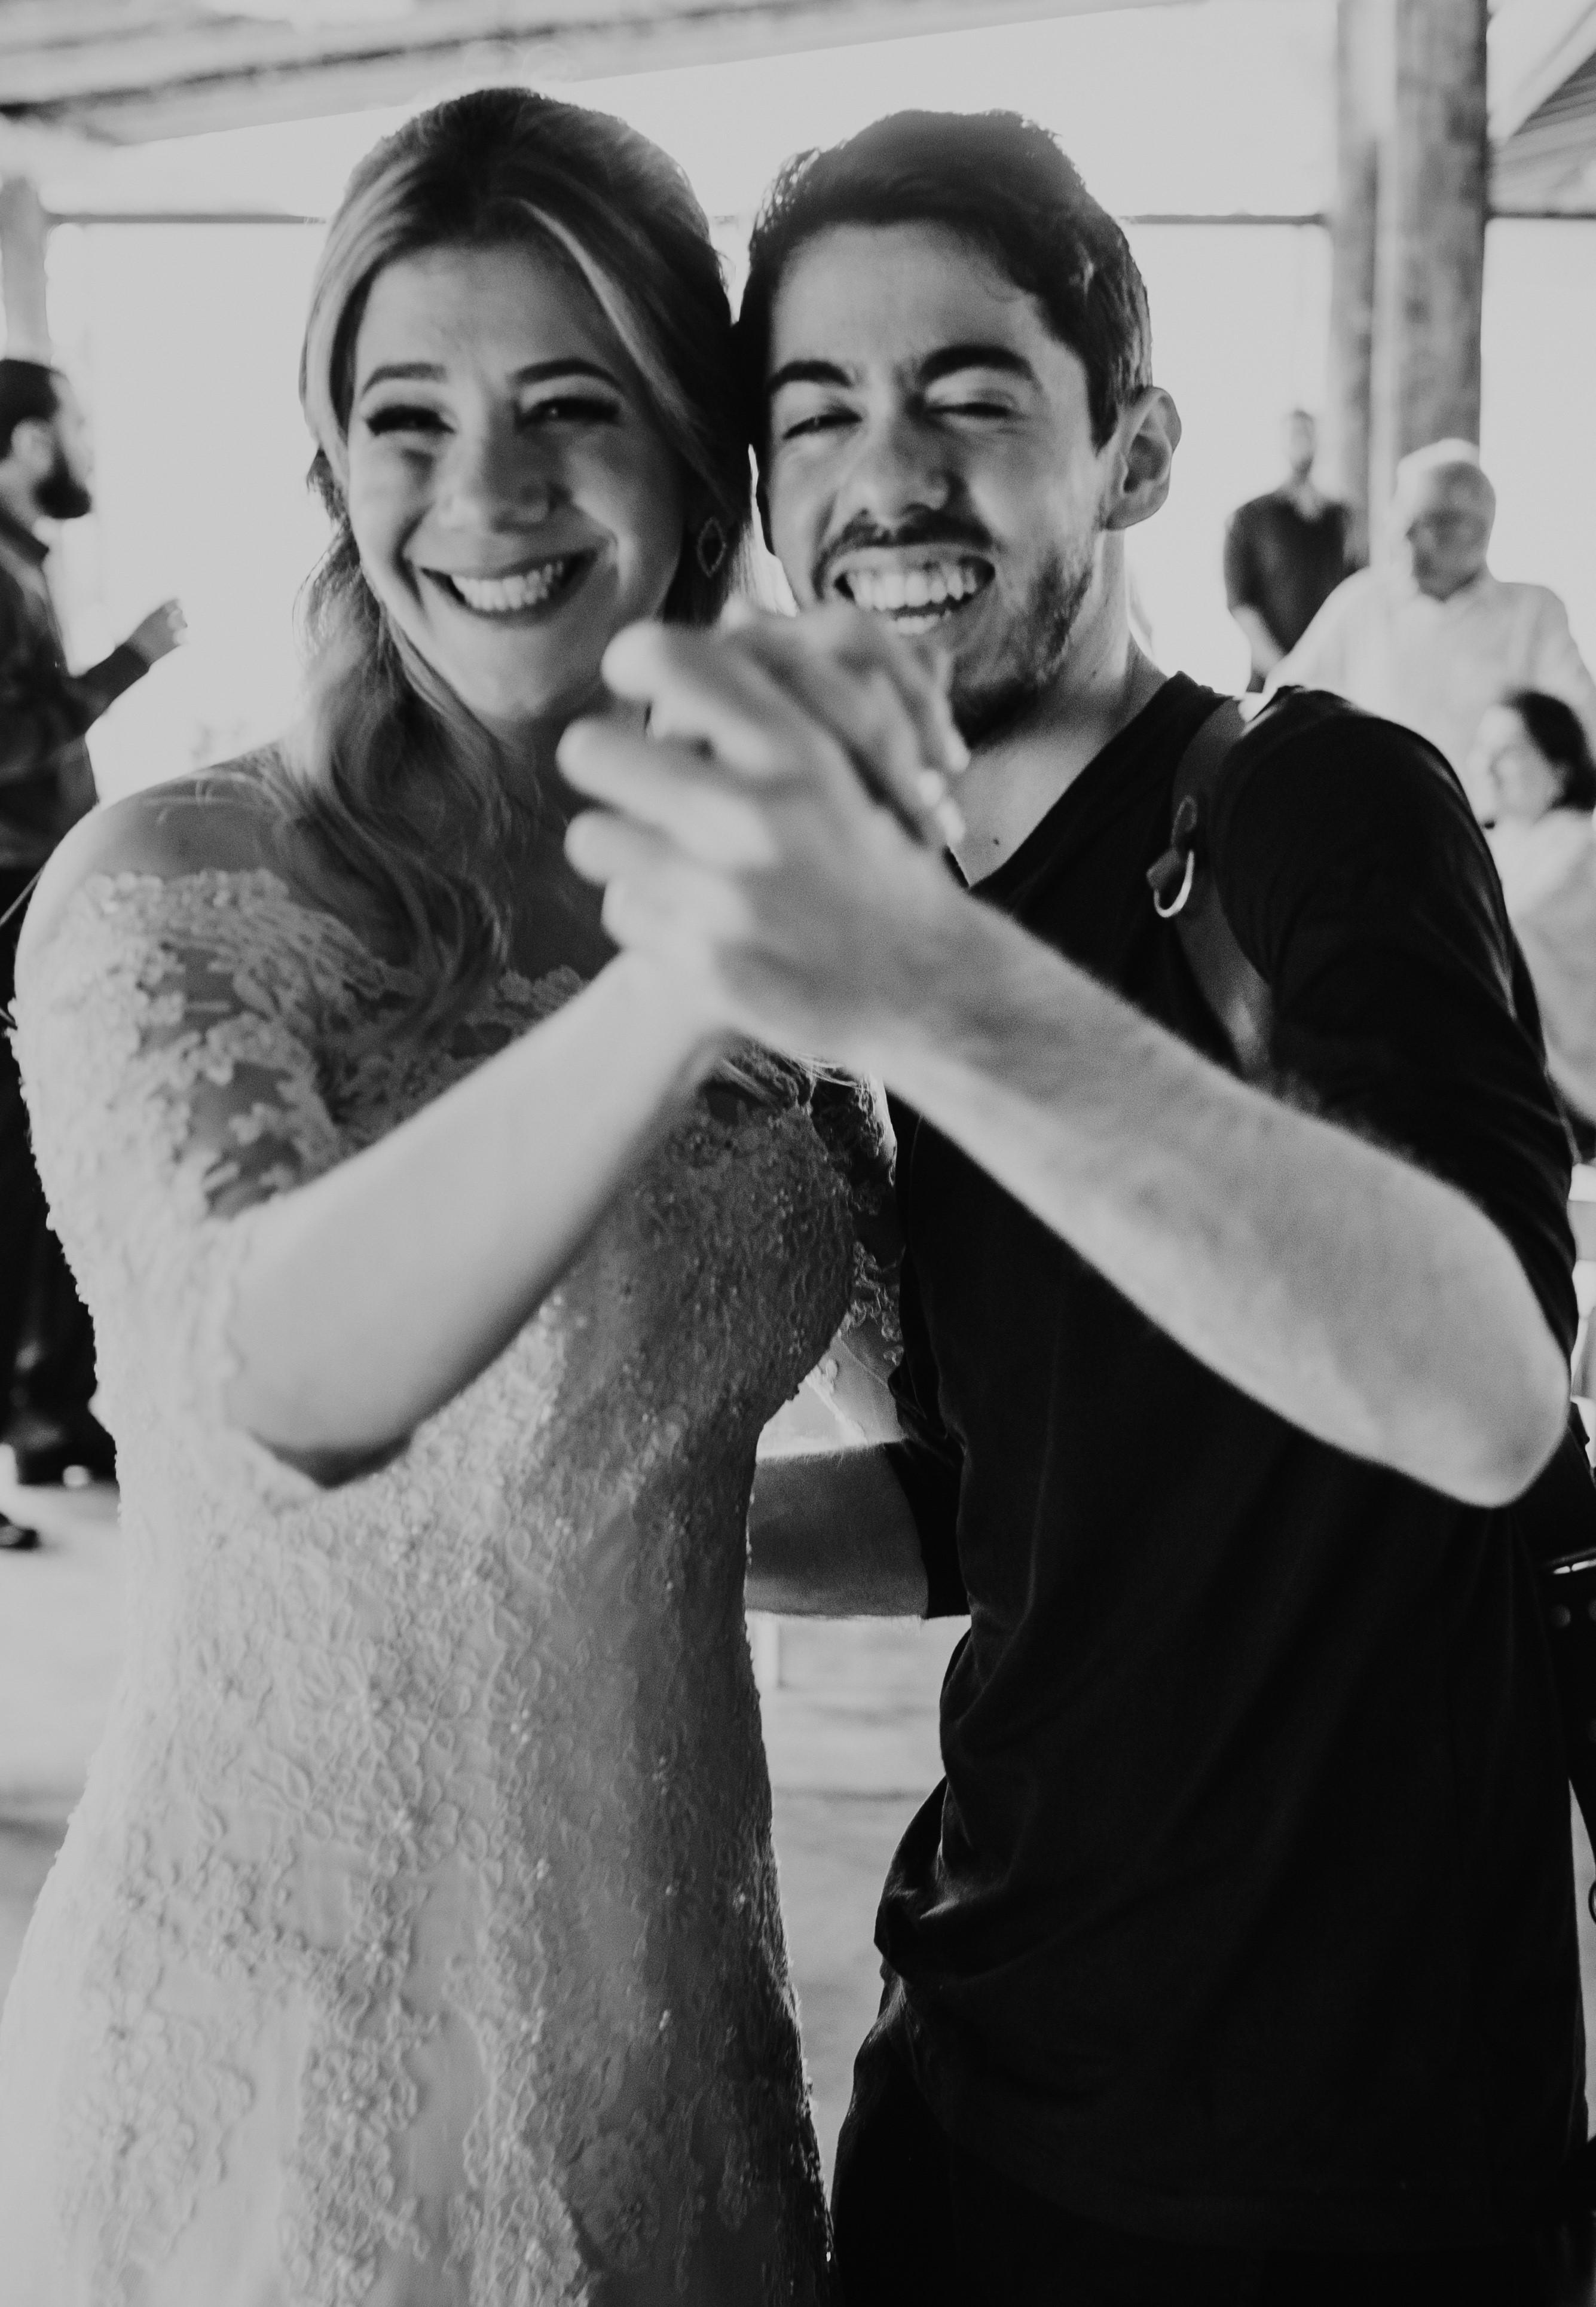 Sobre Felipe Sousa - Fotógrafo de Casamentos e Ensaios São Paulo - SP